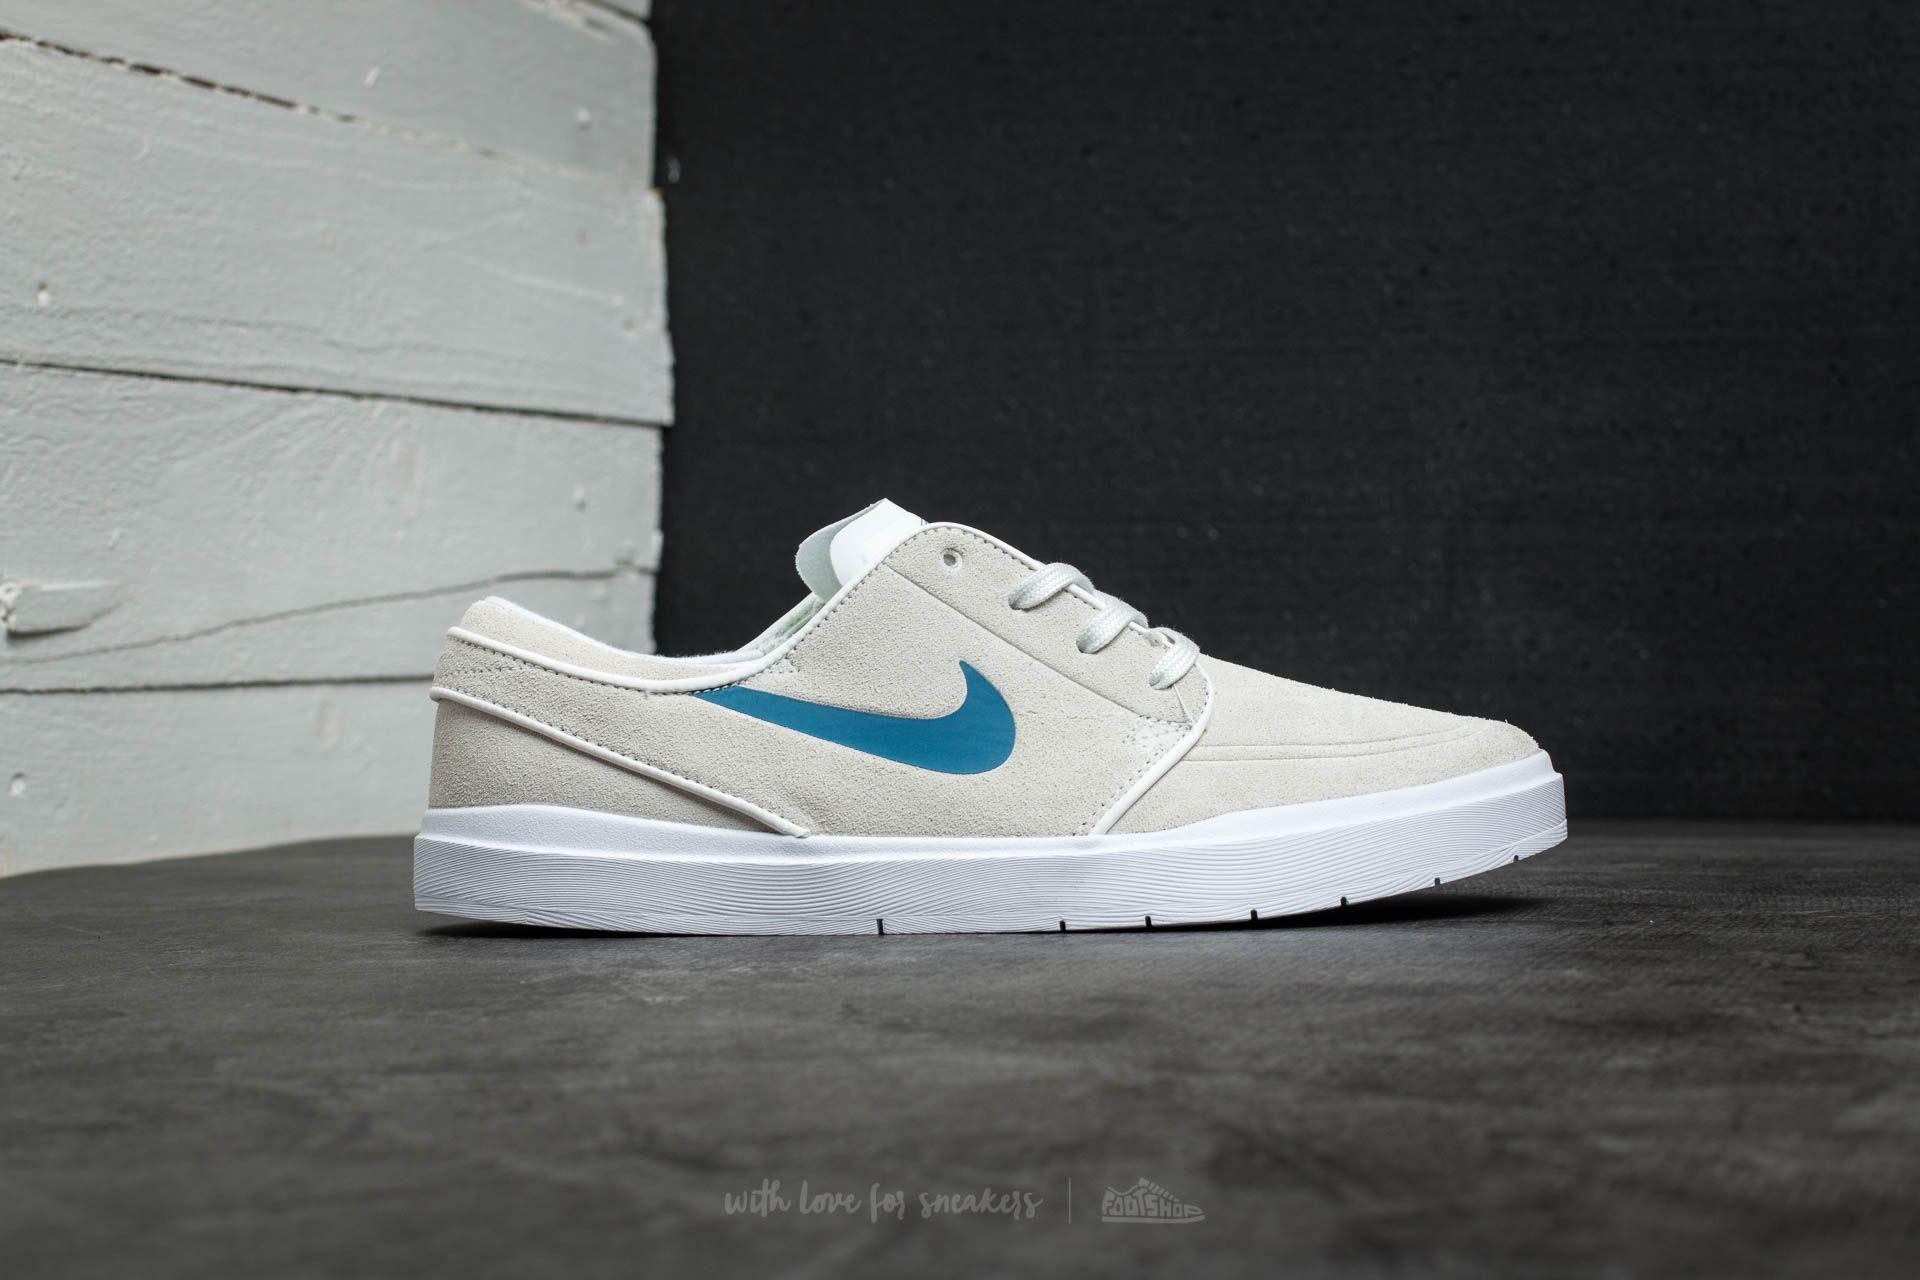 Lyst - Nike Stefan Janoski Hyperfeel Summit White  Industrial Blue ... 37a303787